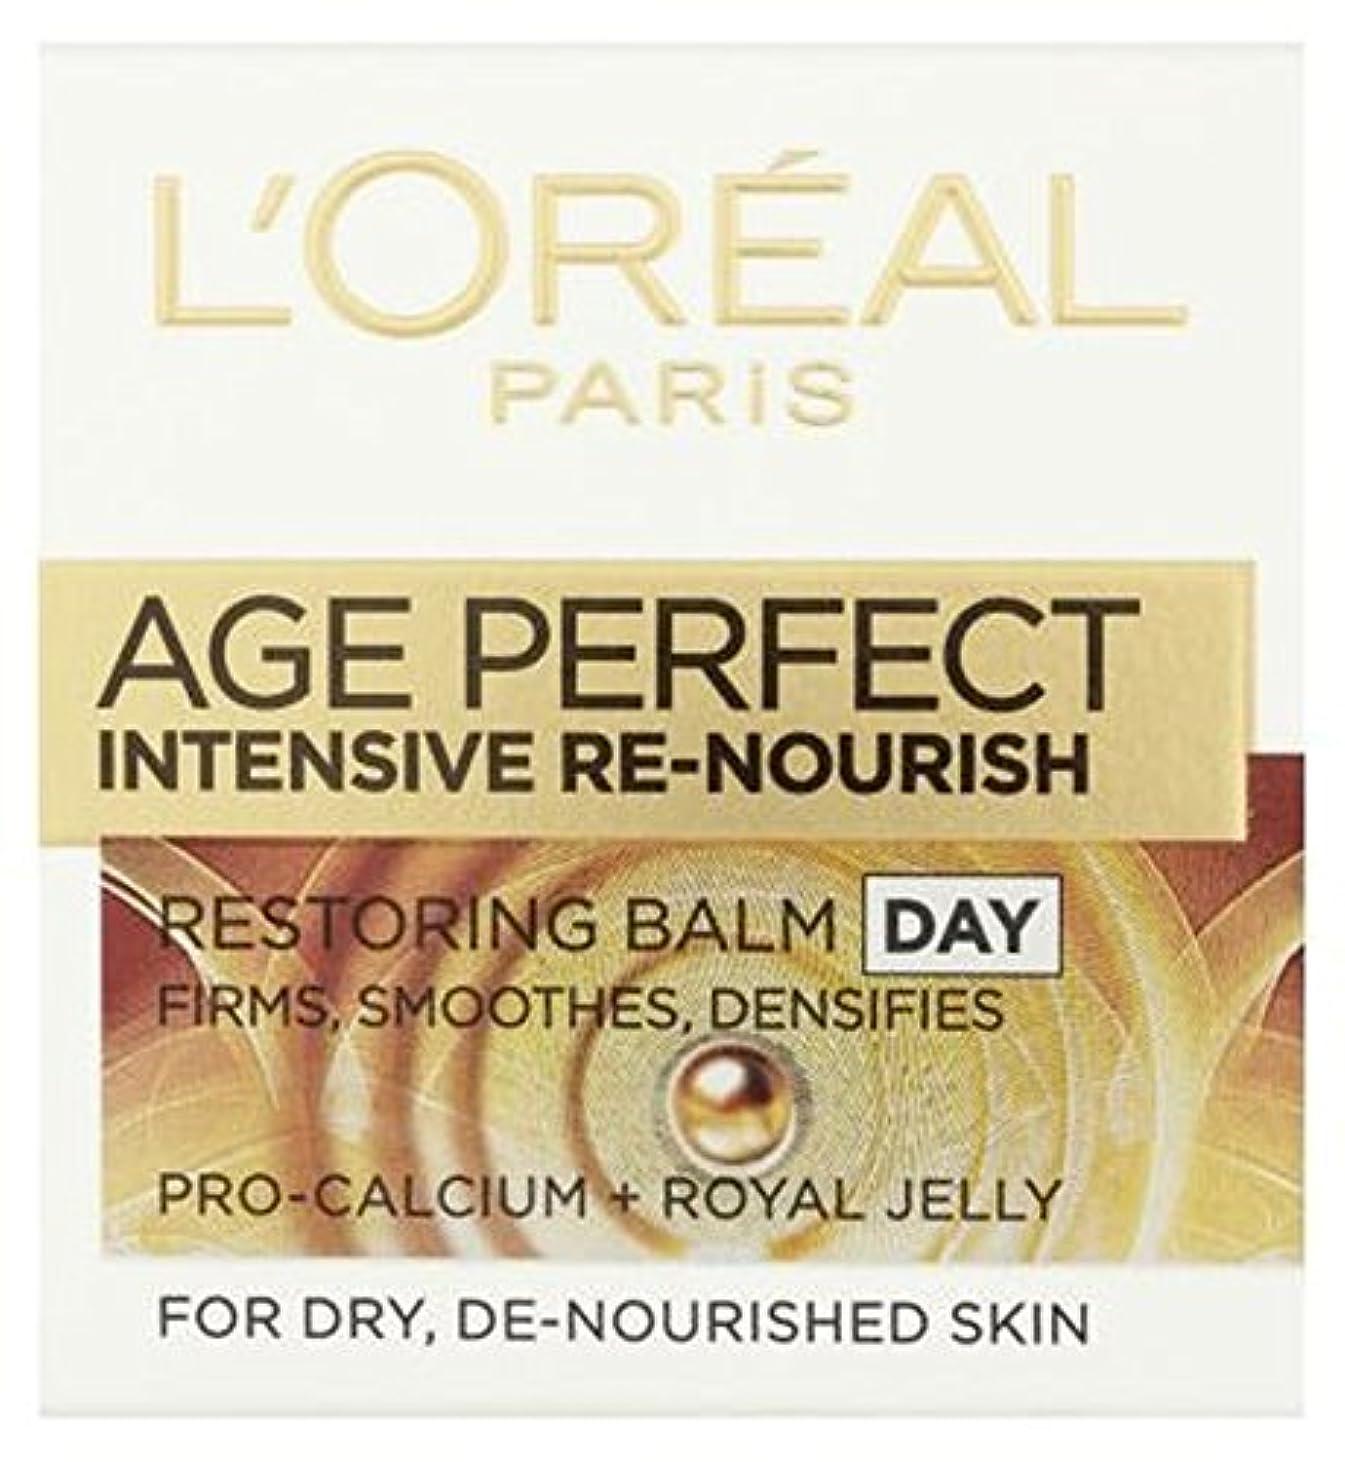 誇大妄想再集計調停するドライデ栄養を与え肌の50ミリリットルのためのL'Oreallパリ時代の完璧な集中的な再ナリッシュ復元バーム日 (L'Oreal) (x2) - L'Oreall Paris Age Perfect Intensive Re-Nourish Restoring Balm Day For Dry and De-Nourished Skin 50ml (Pack of 2) [並行輸入品]